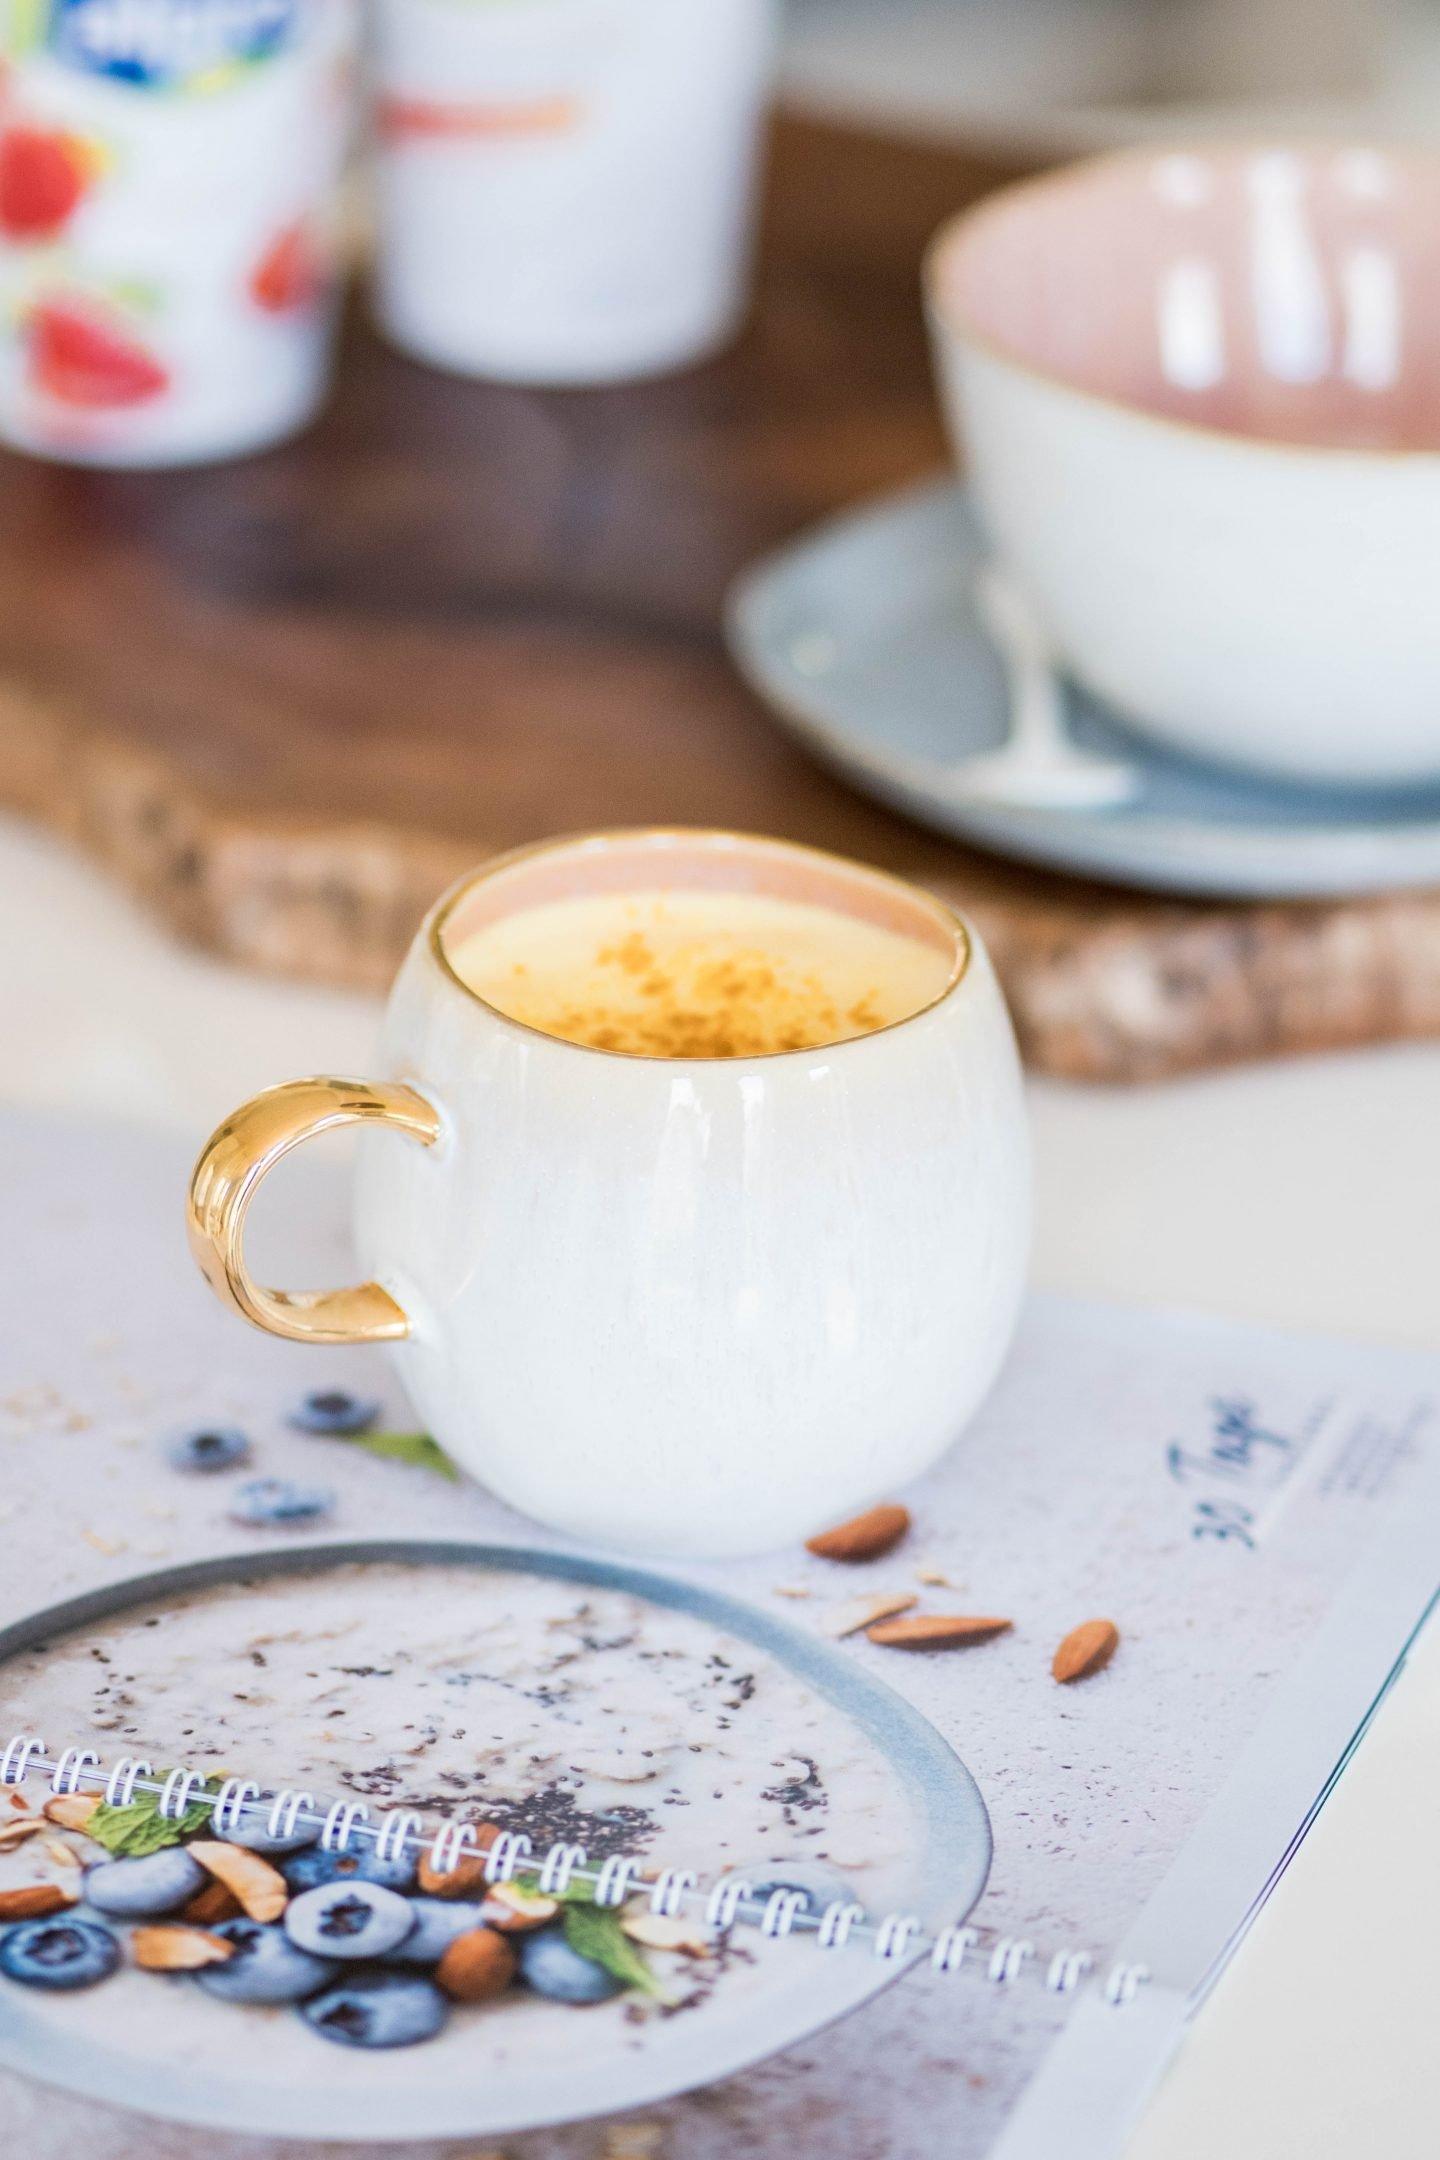 30 Tage Challenge-Alpro-Kurkuma Latte mit Mandeldrink ungesüßt